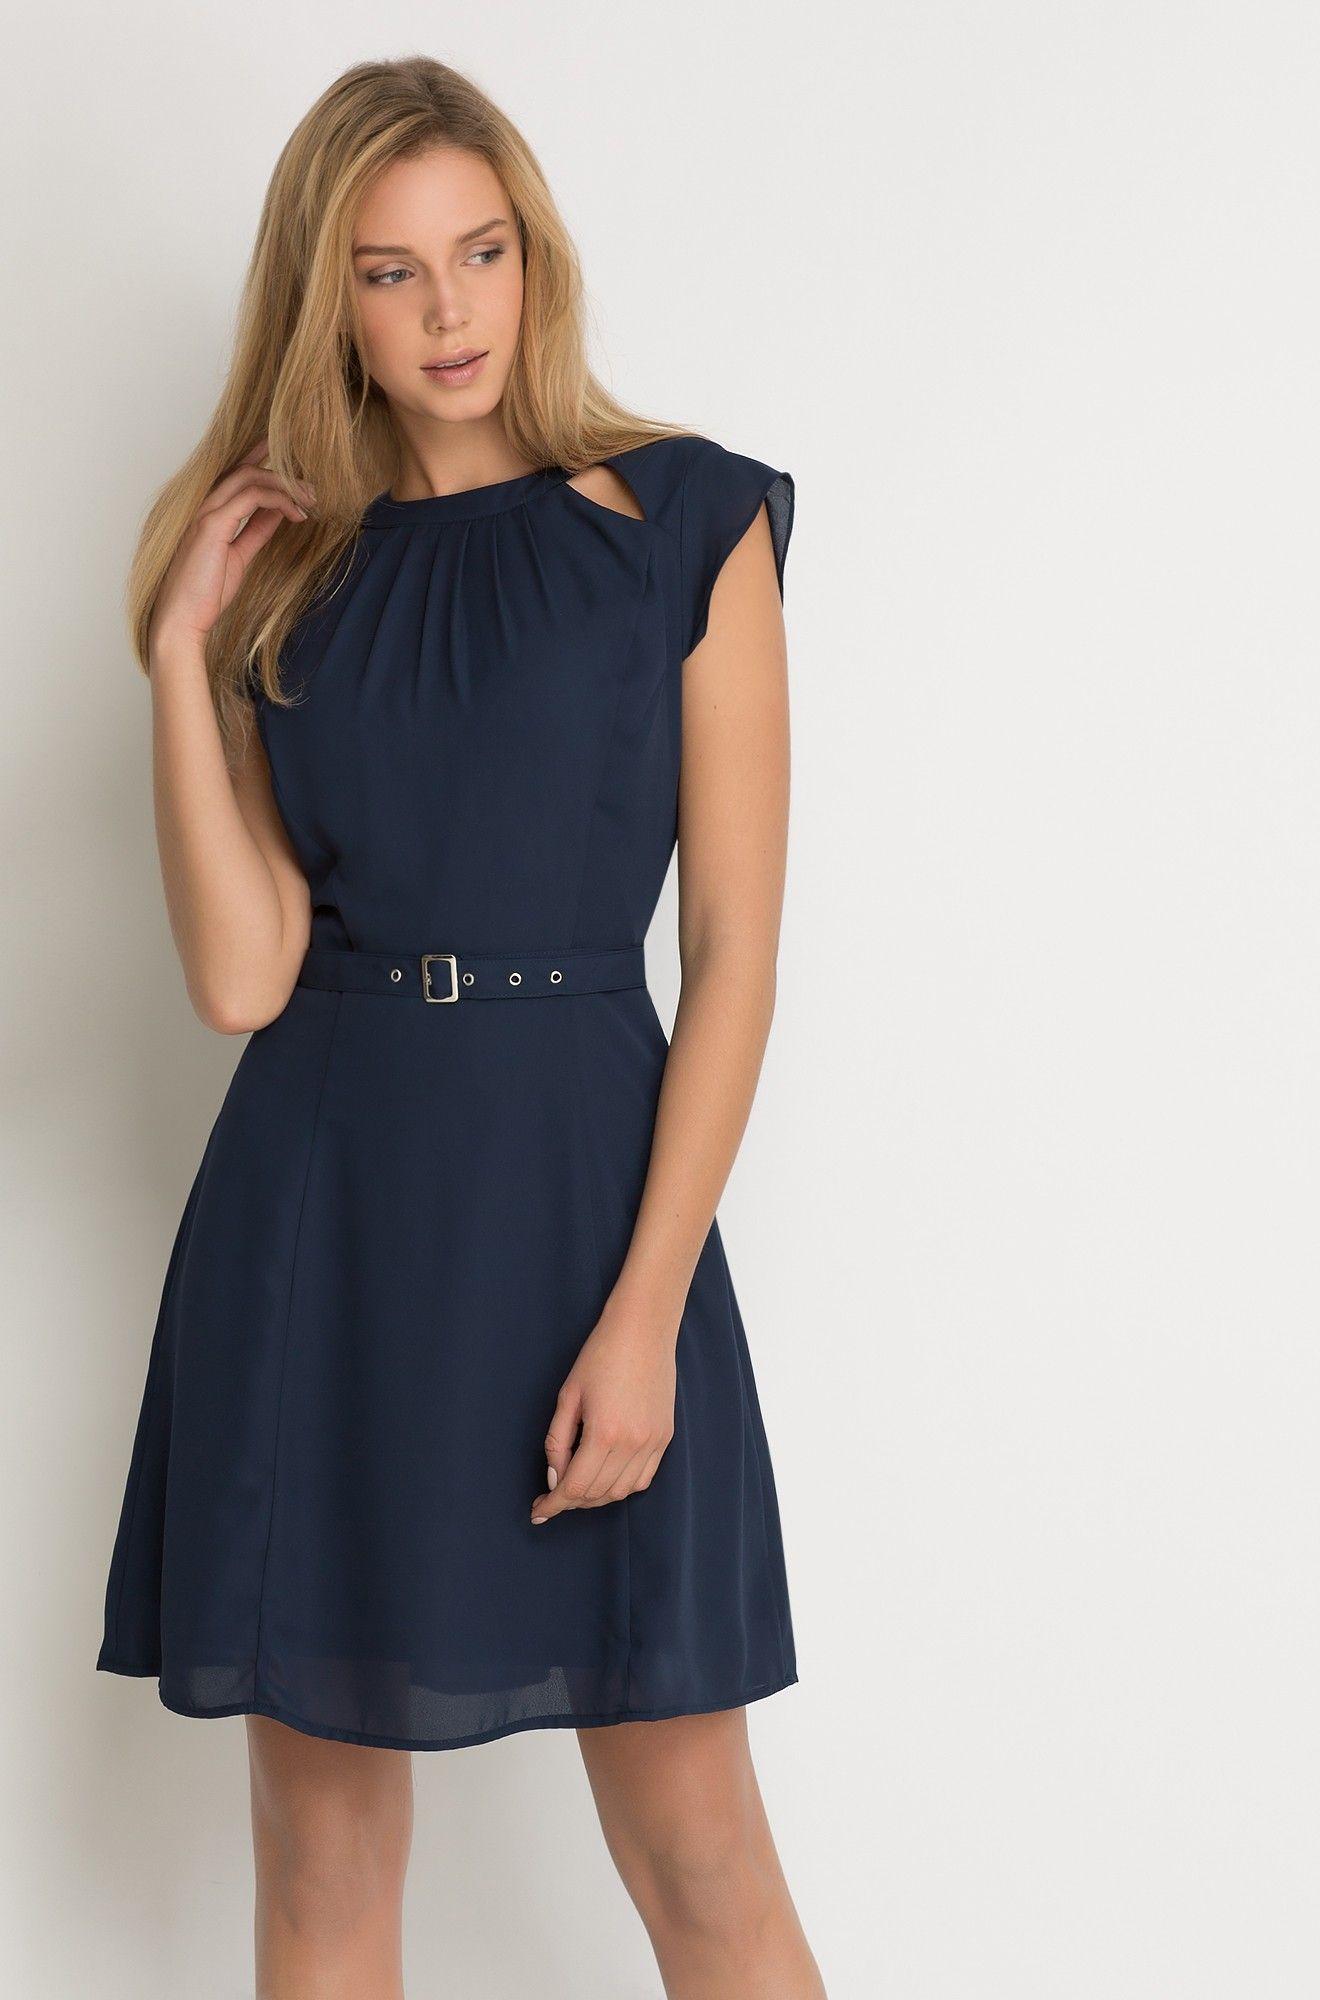 Kleid mit Gürtel  Schöne kleider, Kleider, Kleid mit gürtel